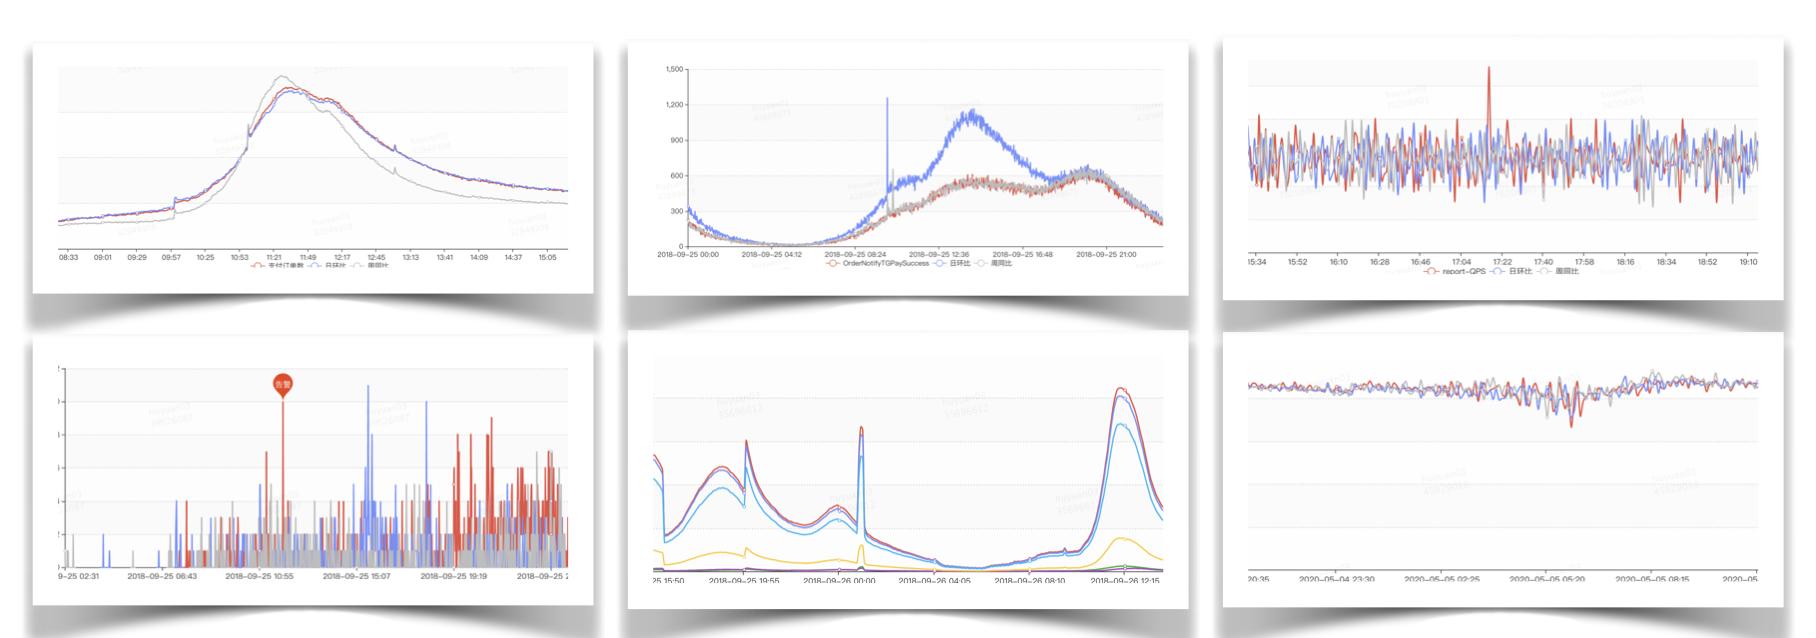 图5 时序数据种类多样性